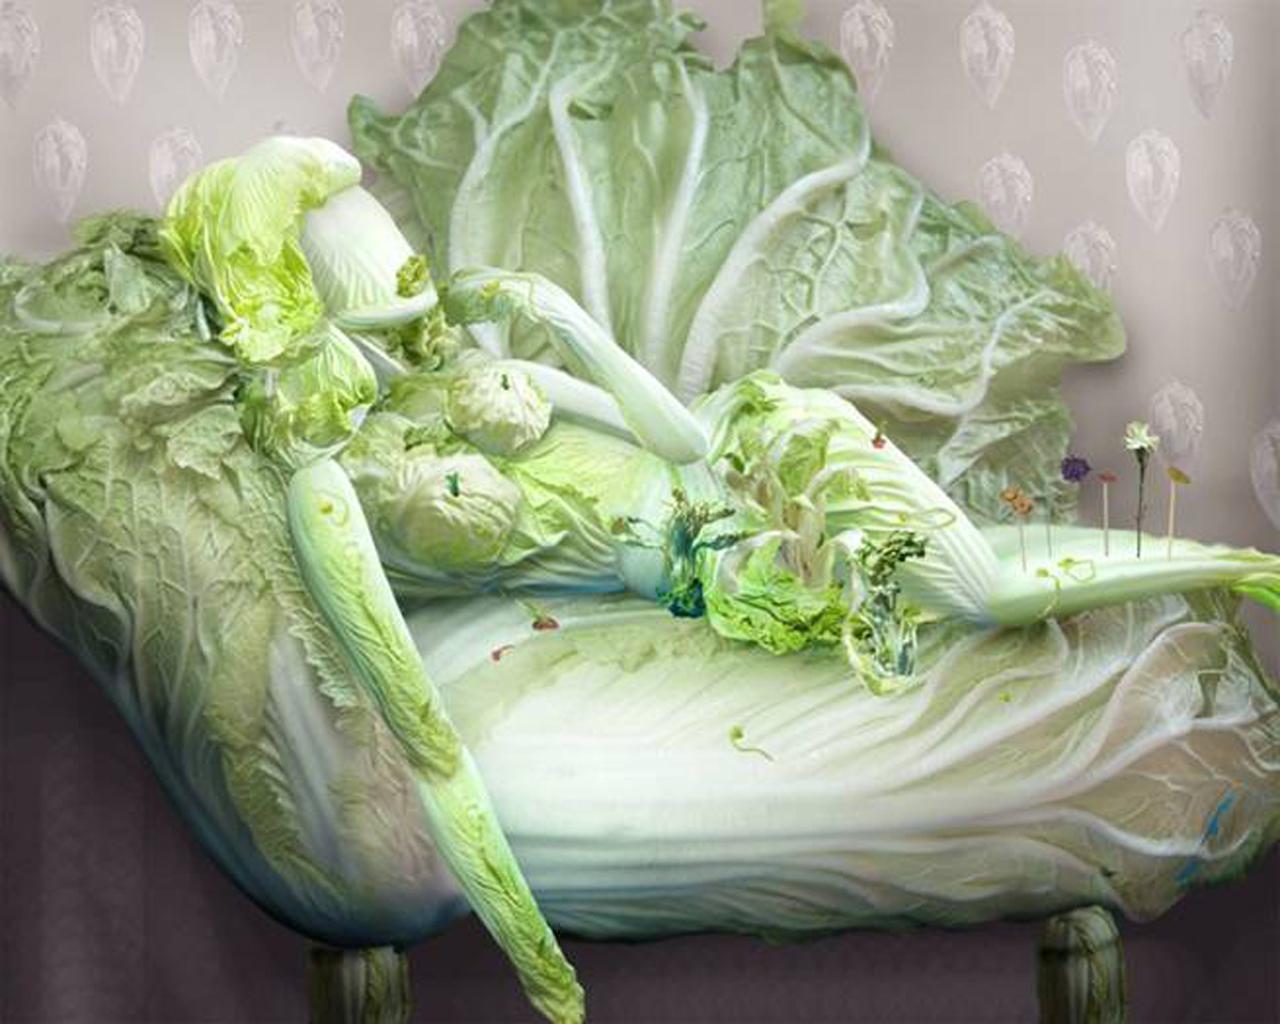 Ju Duoqi, Cabbage